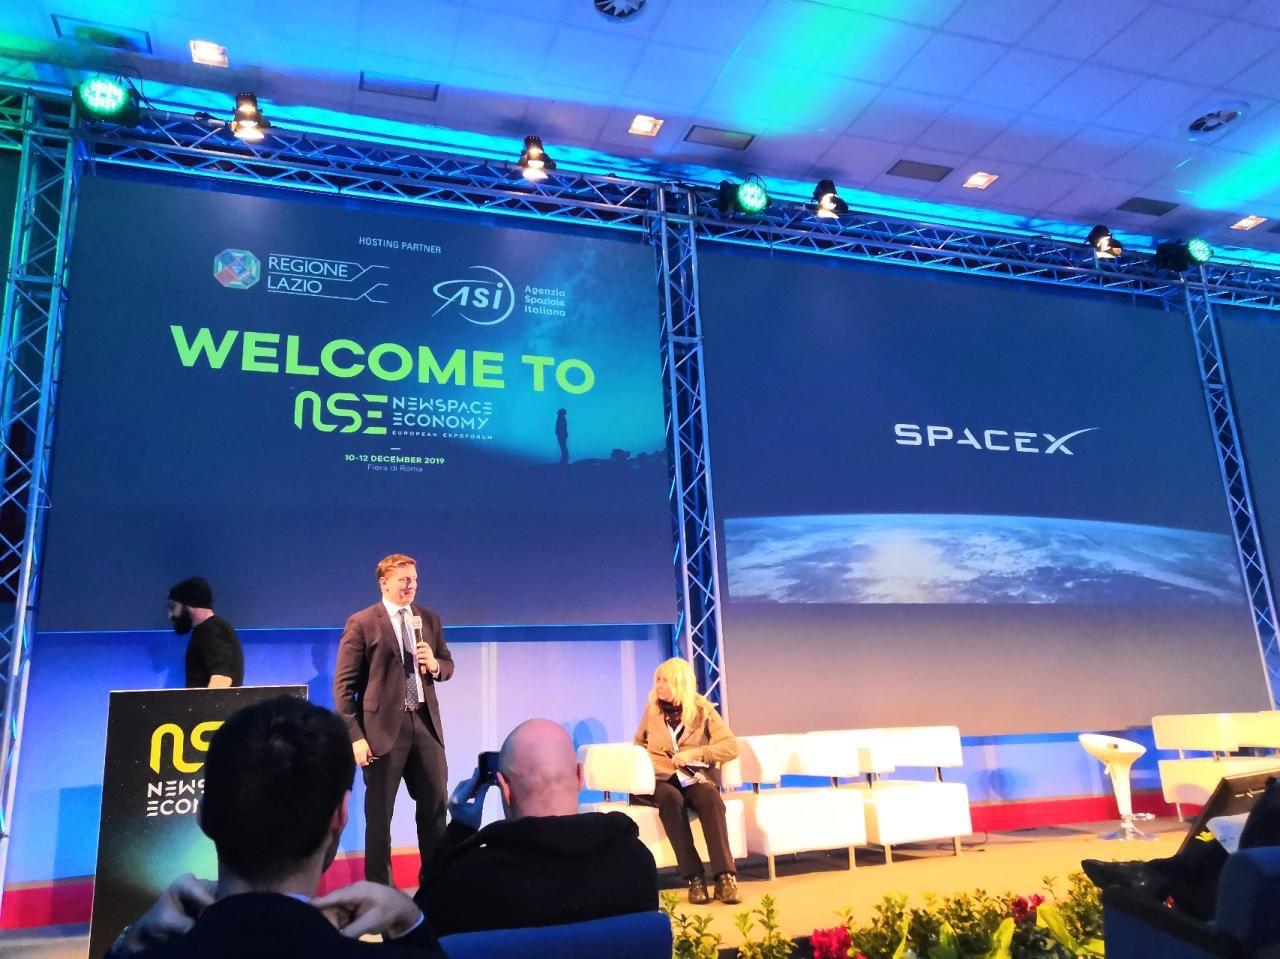 Bài thuyết trình của SpaceX